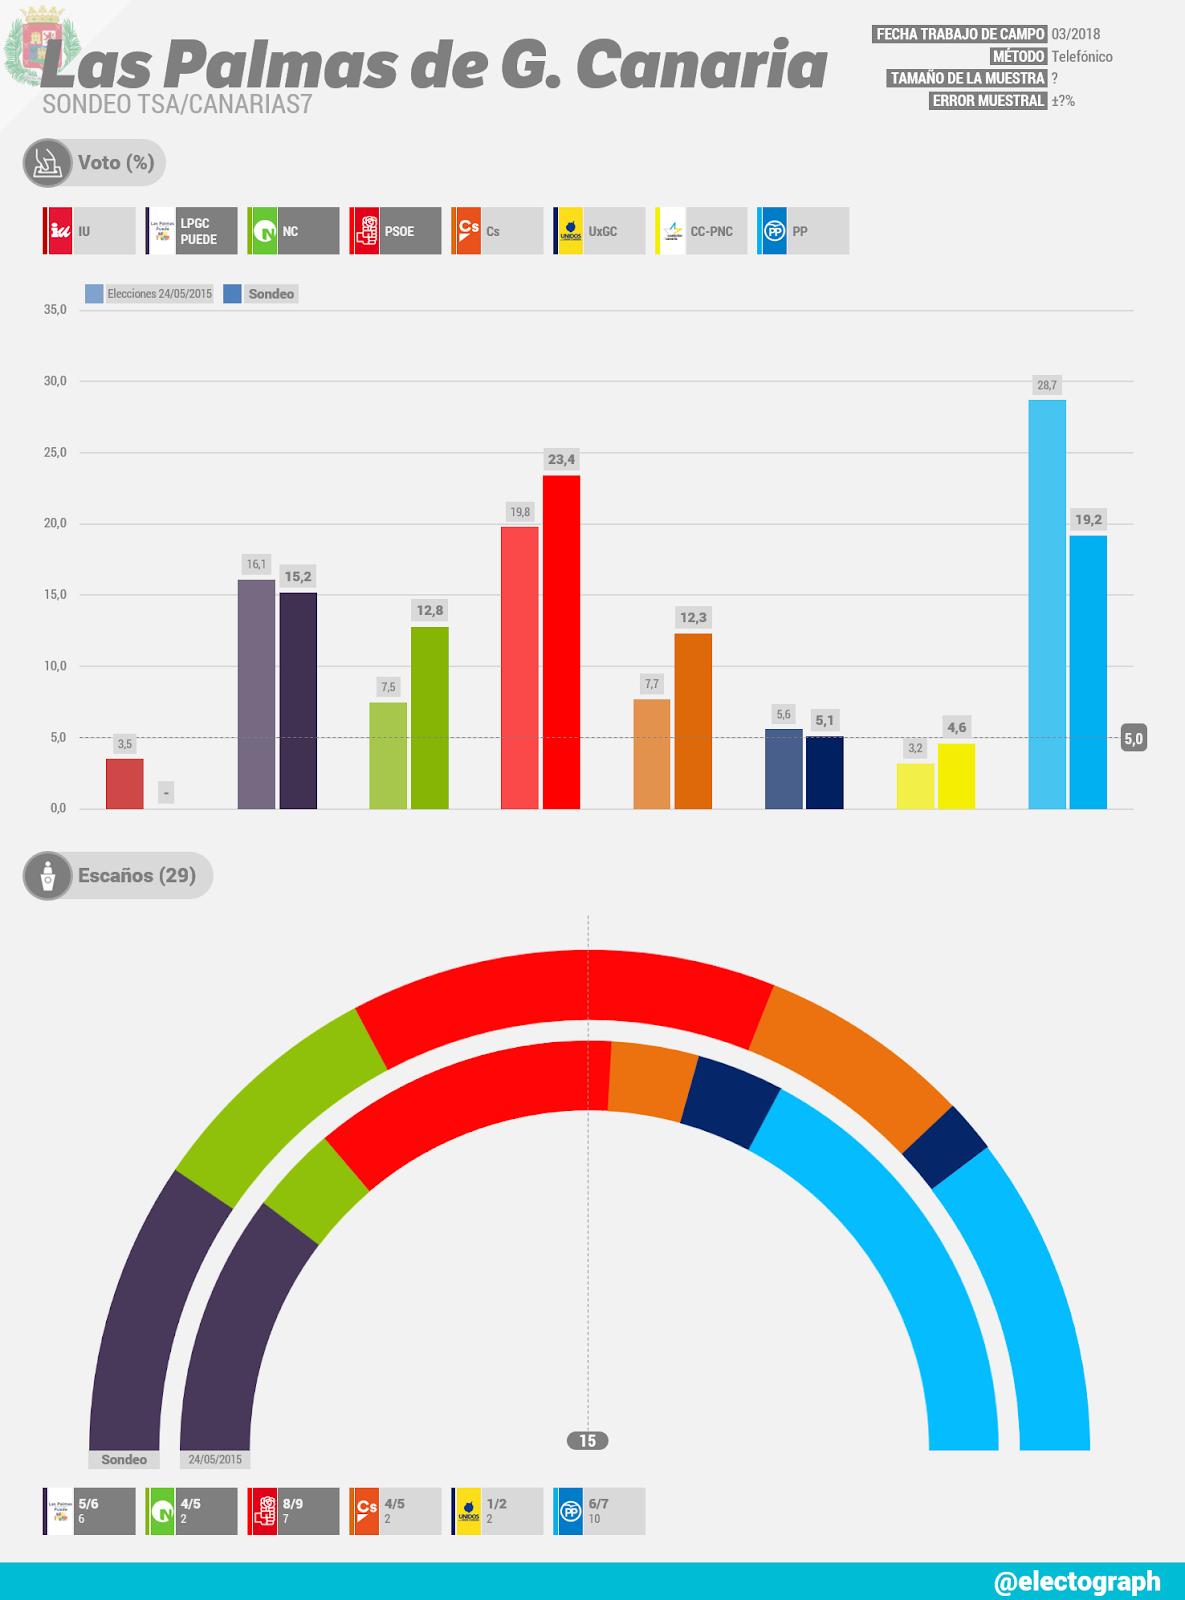 Gráfico de la encuesta para elecciones municipales en Las Palmas de Gran Canaria realizada por TSA para Canarias7 en marzo de 2018